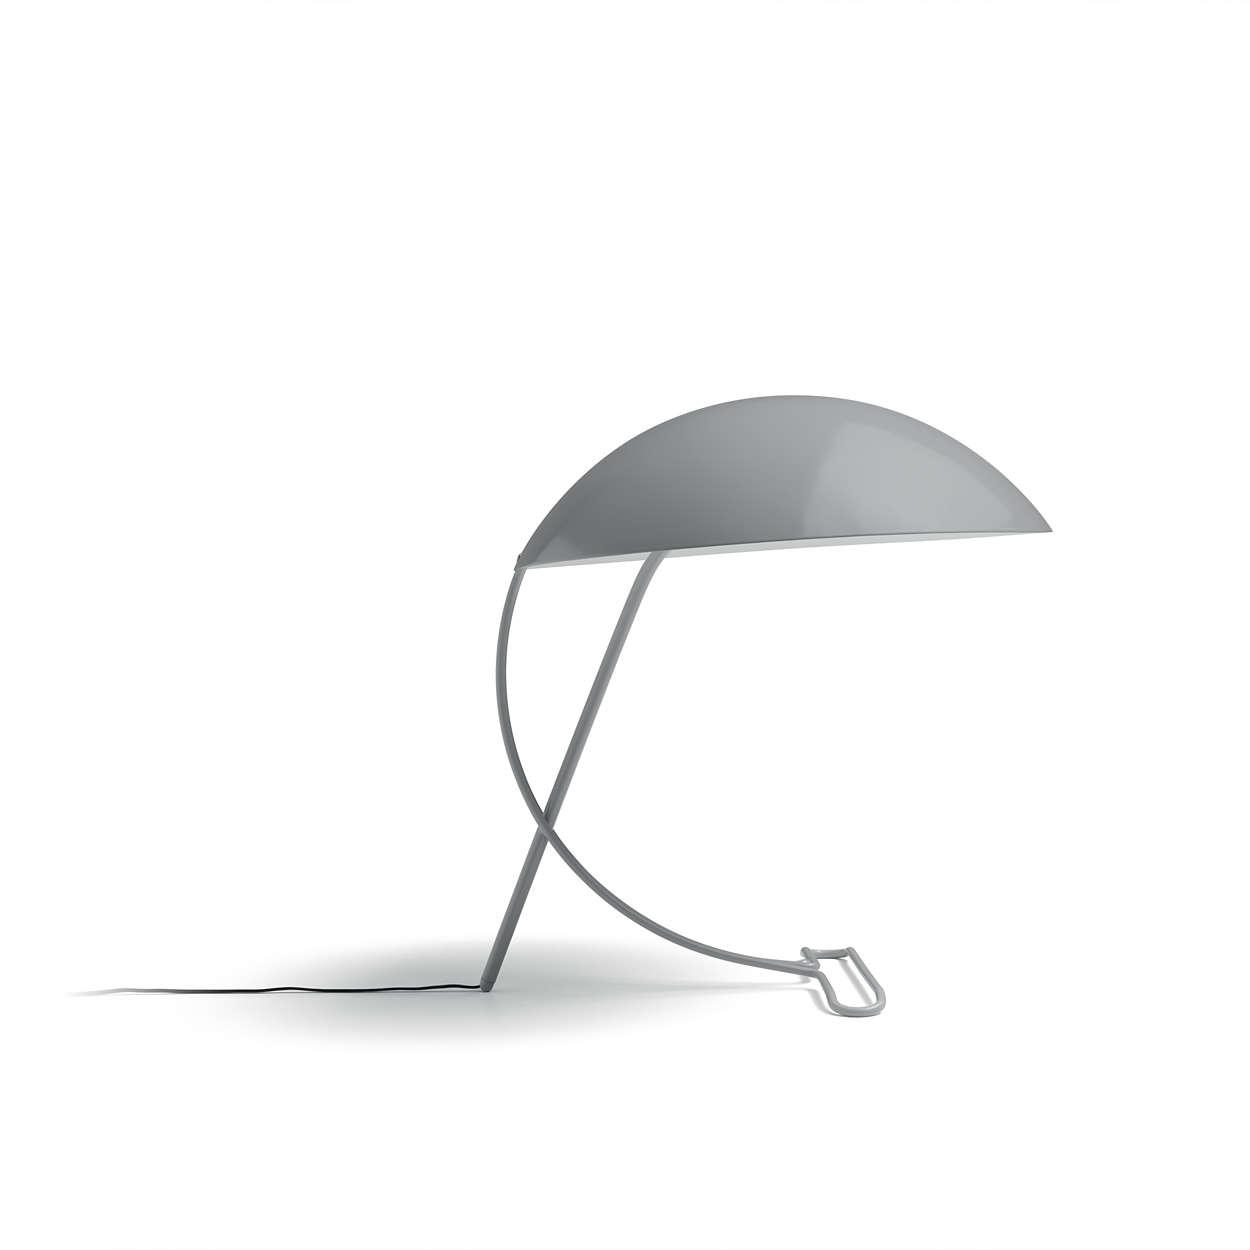 Creează stilul de iluminat potrivit